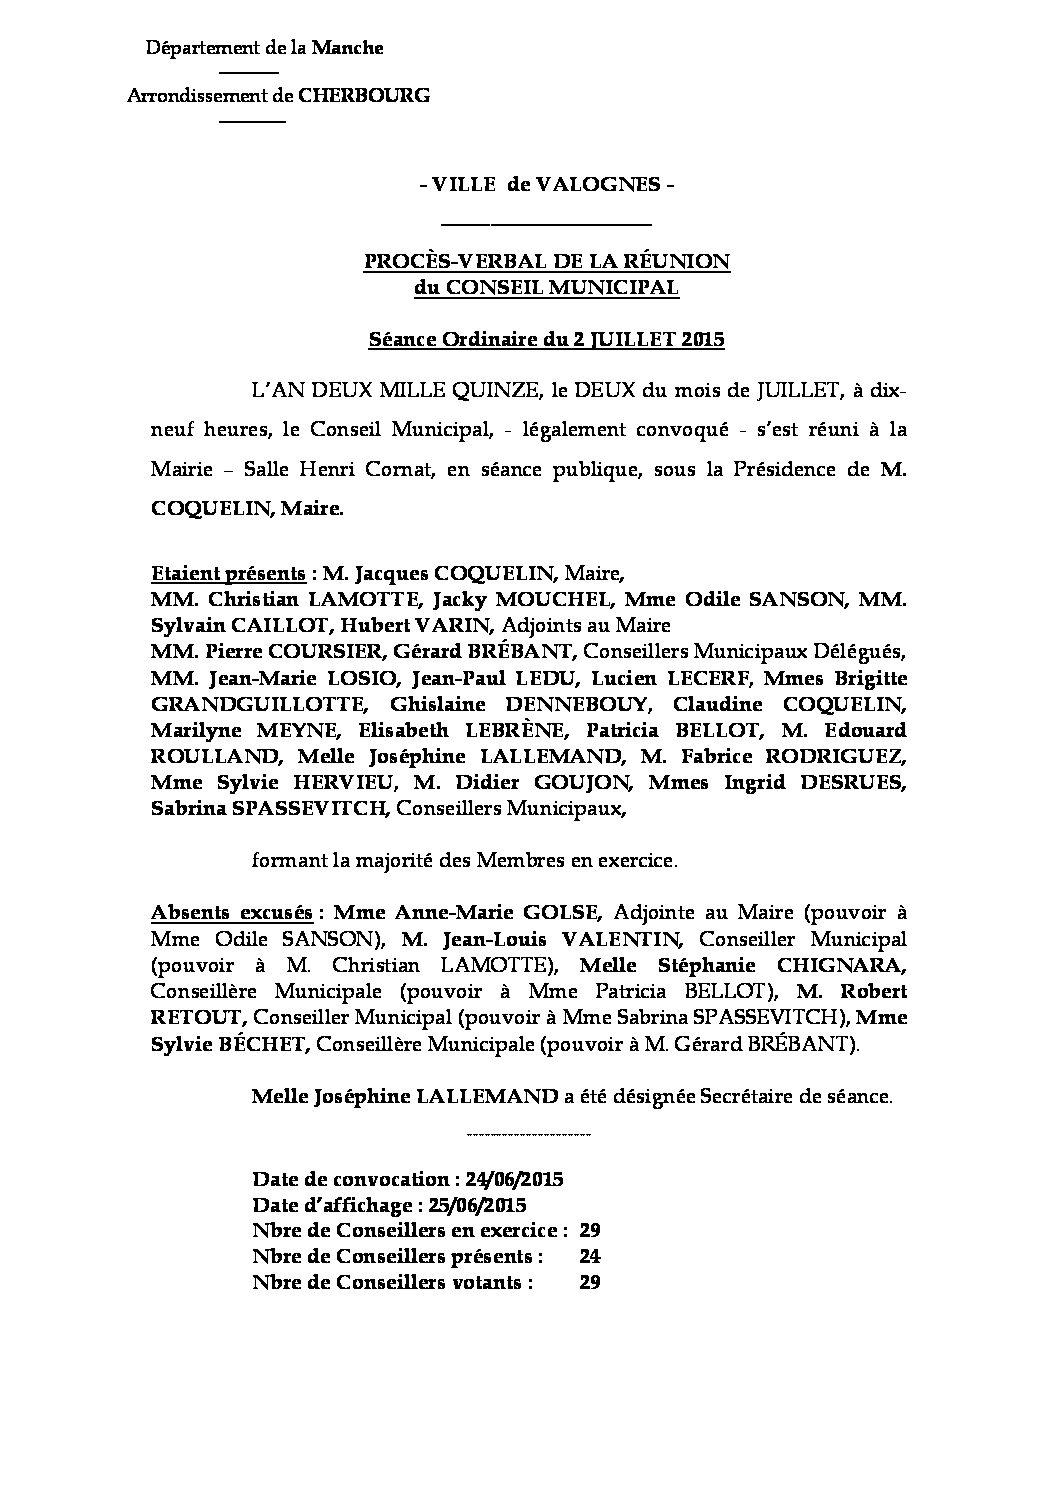 Procès-verbal du 02-07-2015 - Procès-verbal de la réunion du Conseil Municipal du 2 juillet 2015, approuvé lors de la séance du 28 septembre 2015.